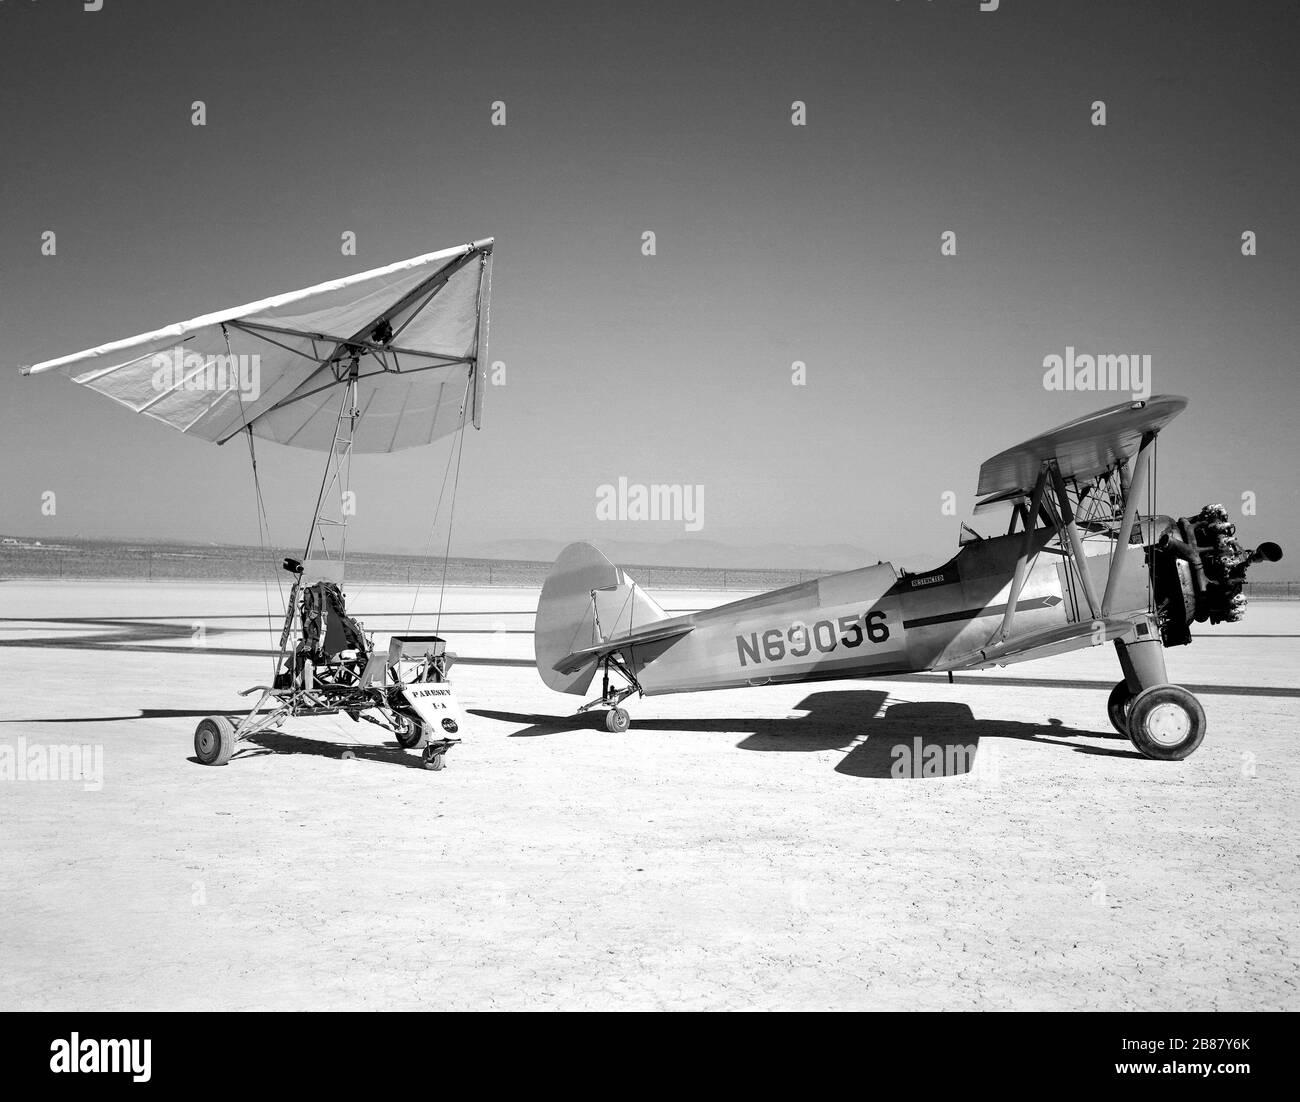 Paresev 1-A en Lakebed con Tow Plane Foto de stock